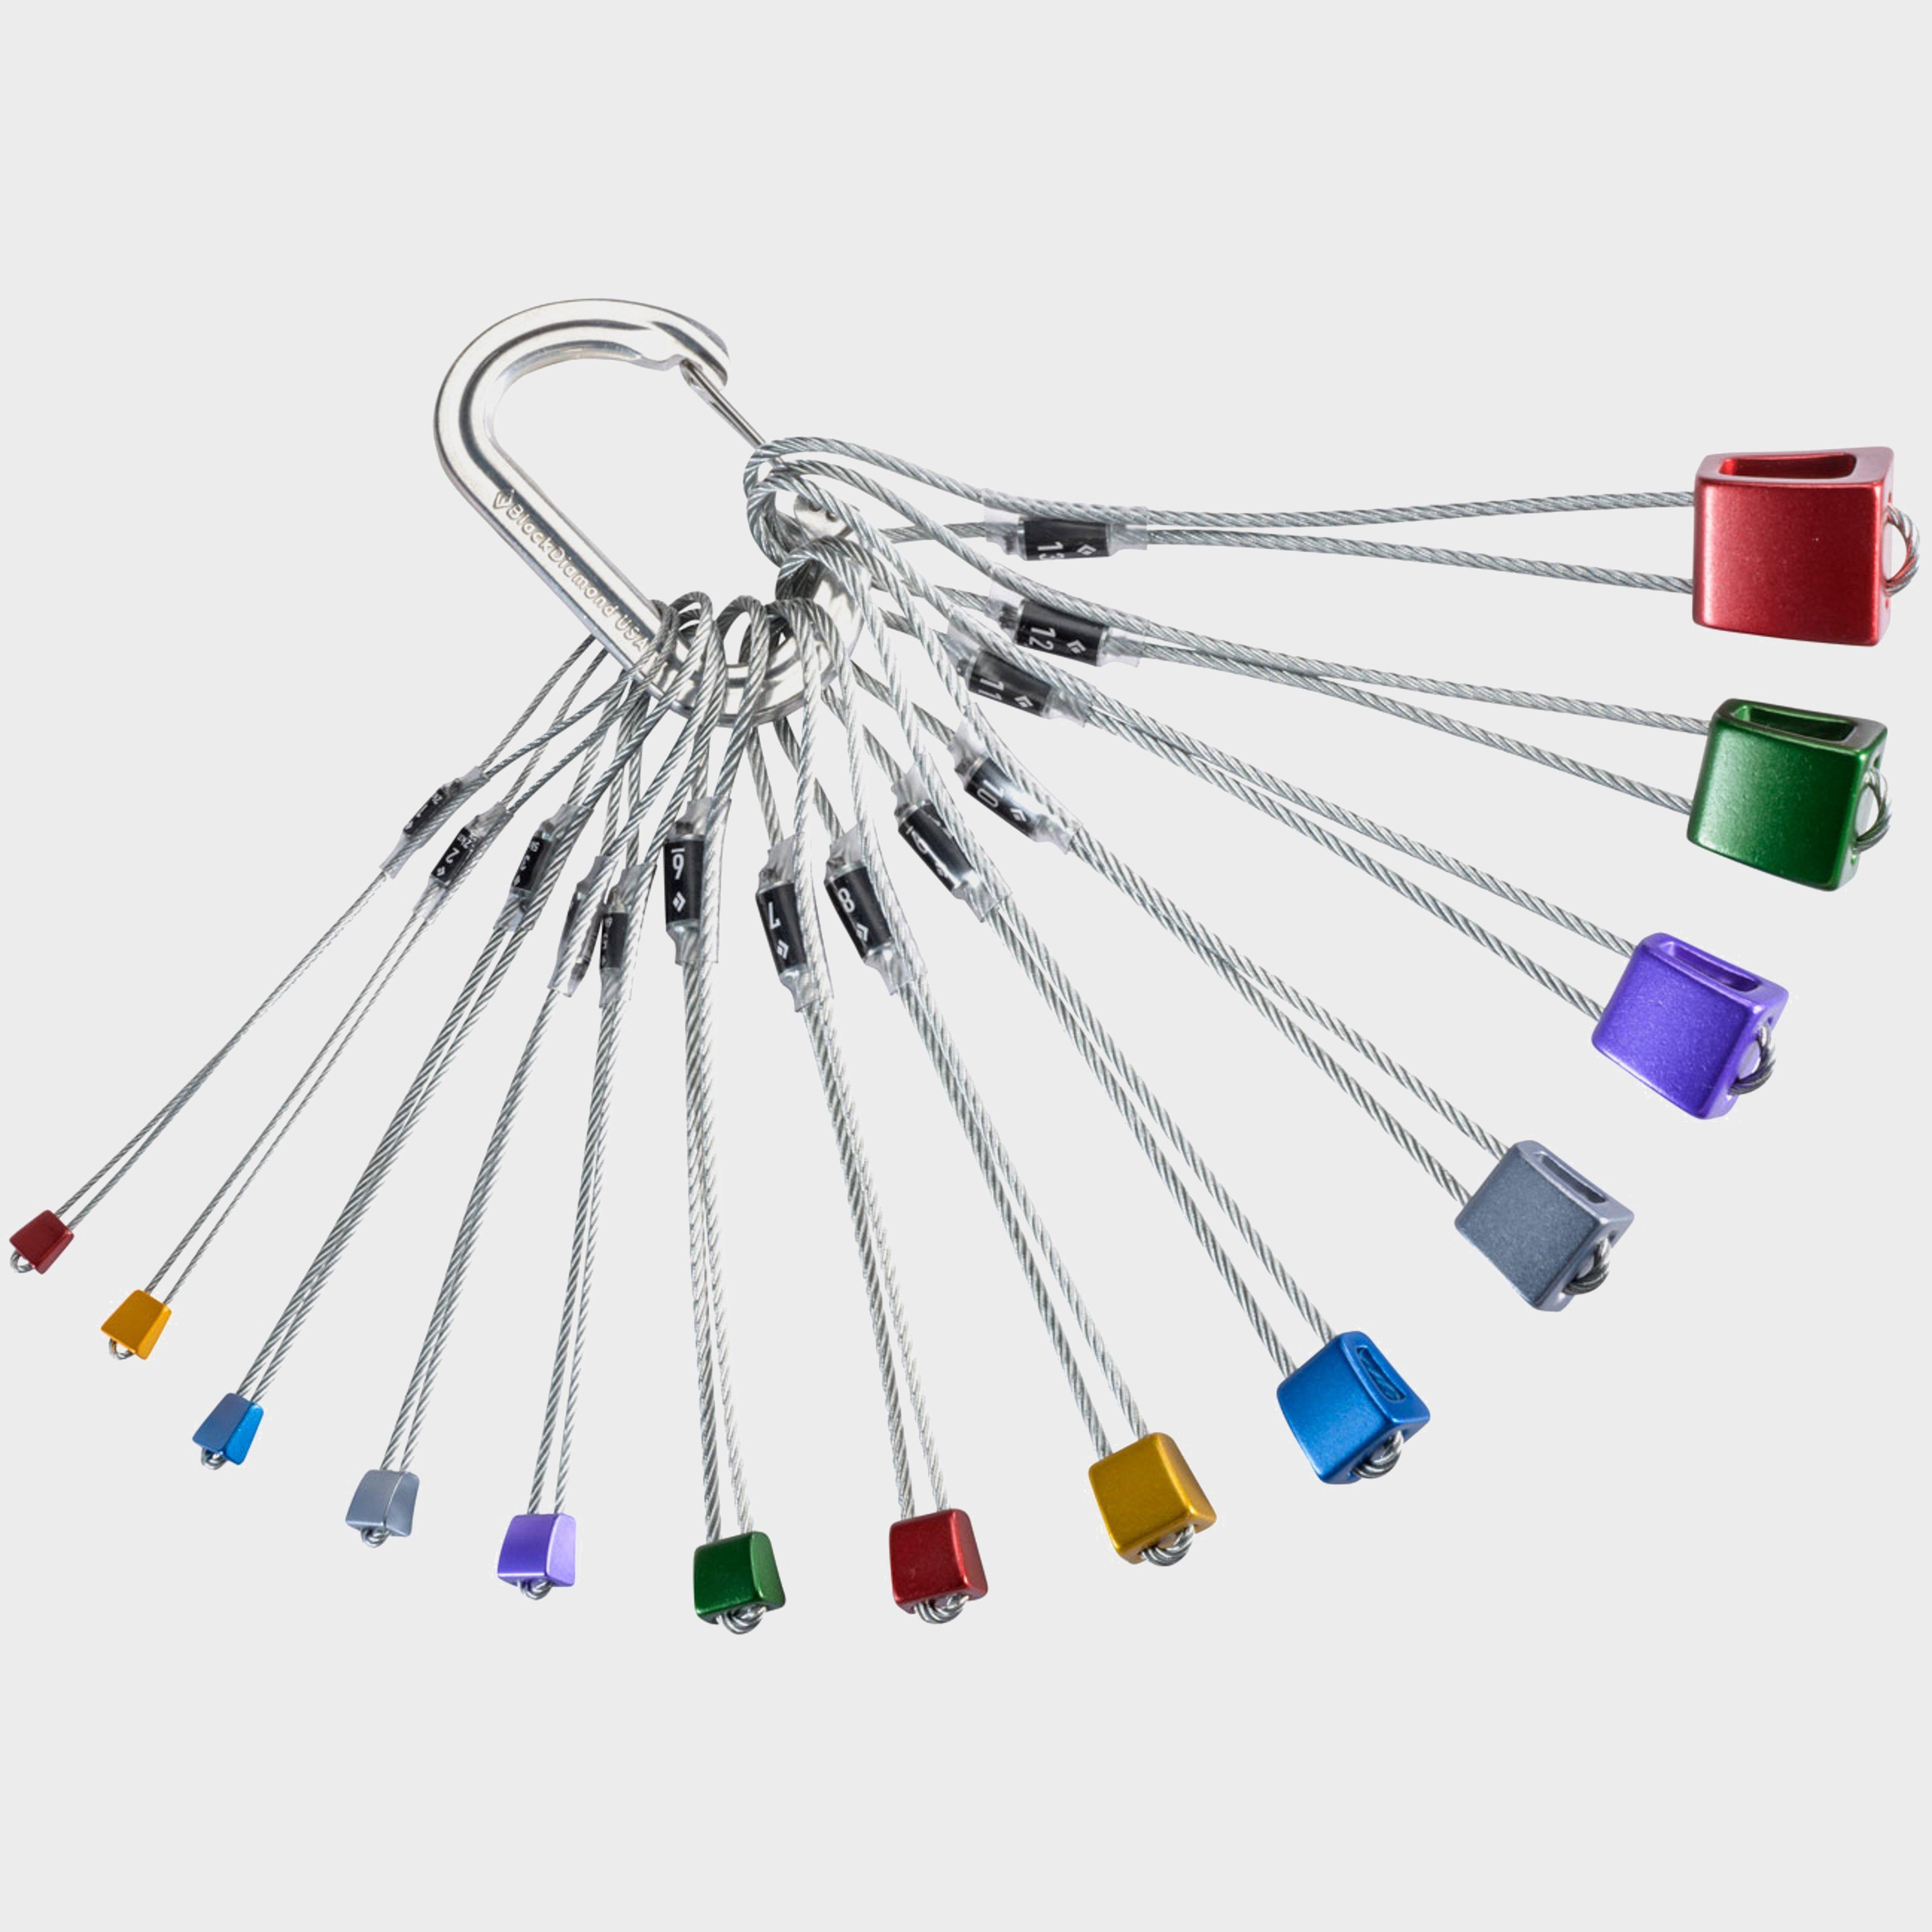 Black Diamond Stopper Set Pro 1-13 - Multi/1-13  Multi/1-13